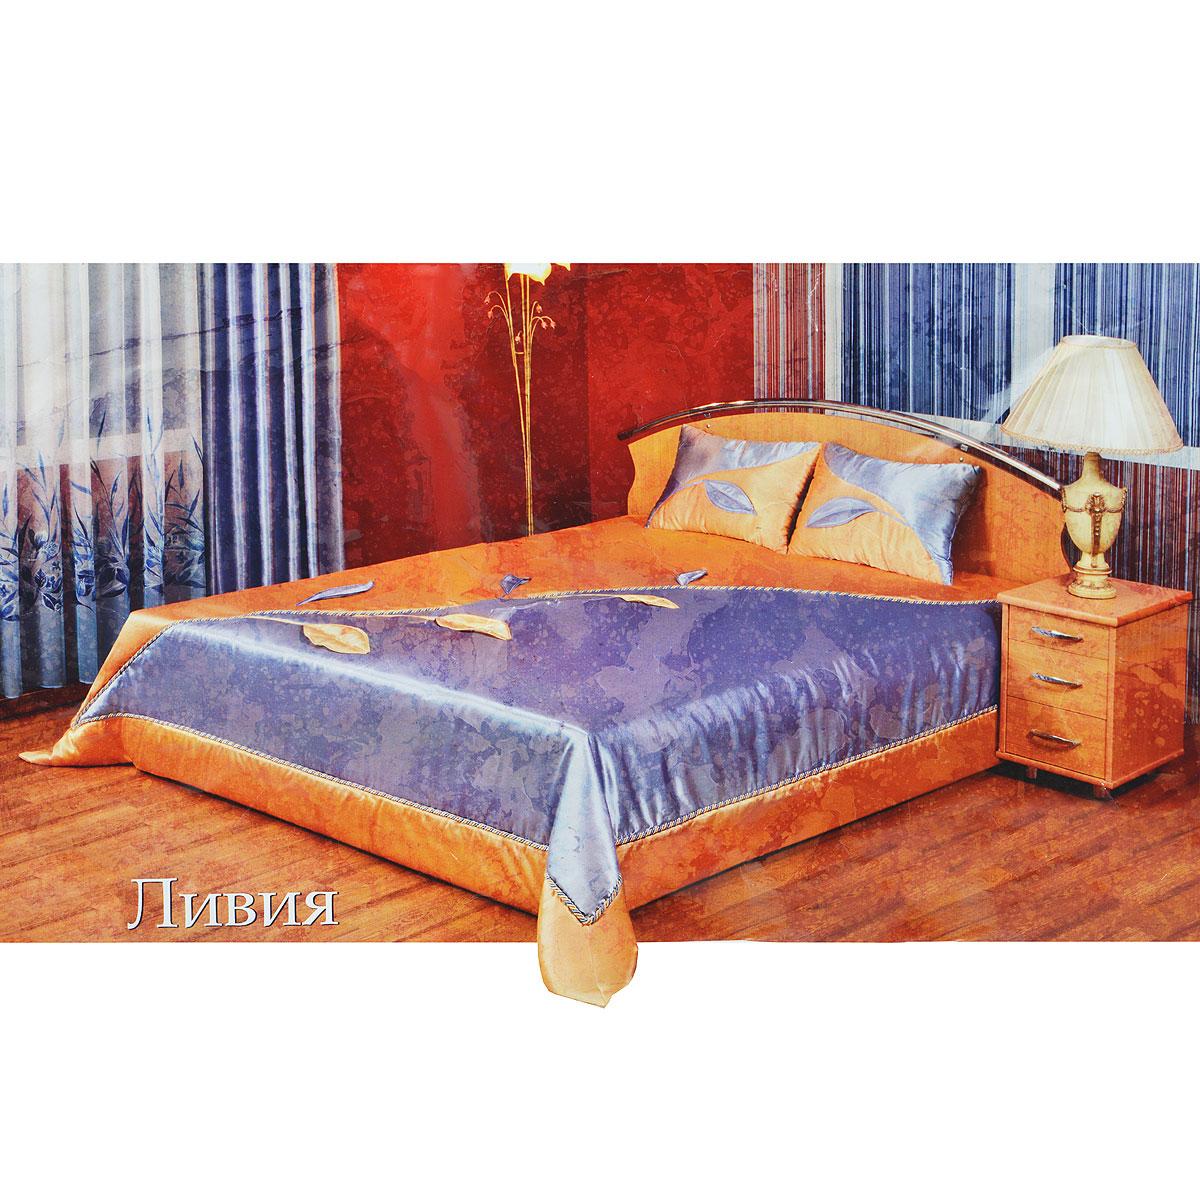 Комплект для спальни Zlata Korunka Ливия, цвет: голубой, желтый, 3 предмета10217СРоскошный комплект для спальни Zlata Korunka Ливия состоит из покрывала и двух подушек. Предметы комплекта выполнены из атласной ткани желто-голубого цвета и декорированы аппликациями в виде листочков. Покрывало дополнительно оформлено плетеным шнурком, расположенным по диагонали. Изделия отличает хорошо подобранная цветовая гамма и привлекательный внешний вид. Комплект для спальни Zlata Korunka Ливия - отличный способ придать спальне уют и привнести в интерьер что-то новое. Комплект упакован в пластиковую сумку-чехол, закрывающуюся на застежку-молнию, с двумя текстильными ручками.